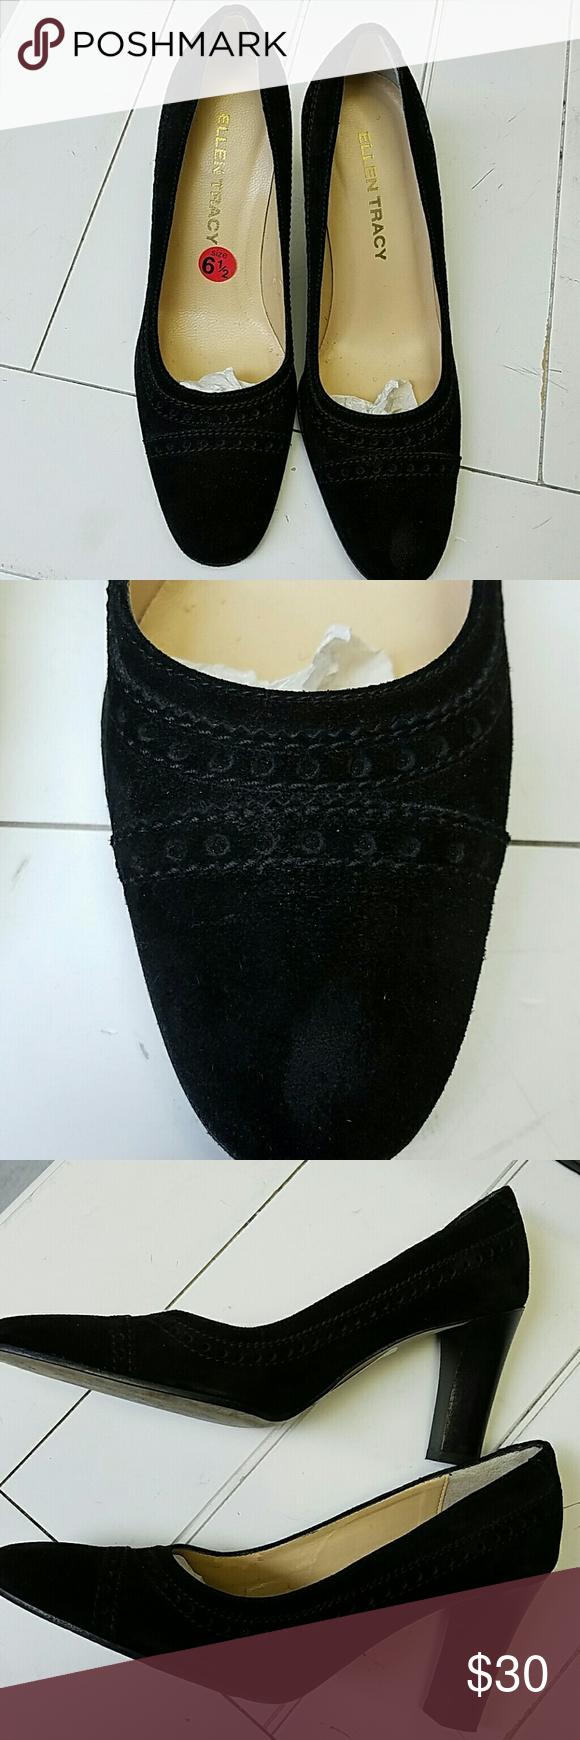 """Ellen Tracy Suede Pump. Black. Size 6.5 EUC Ellen Tracy Suede Pump. Black. Size 6.5 EUC 3"""" Heels. Ellen Tracy Shoes"""